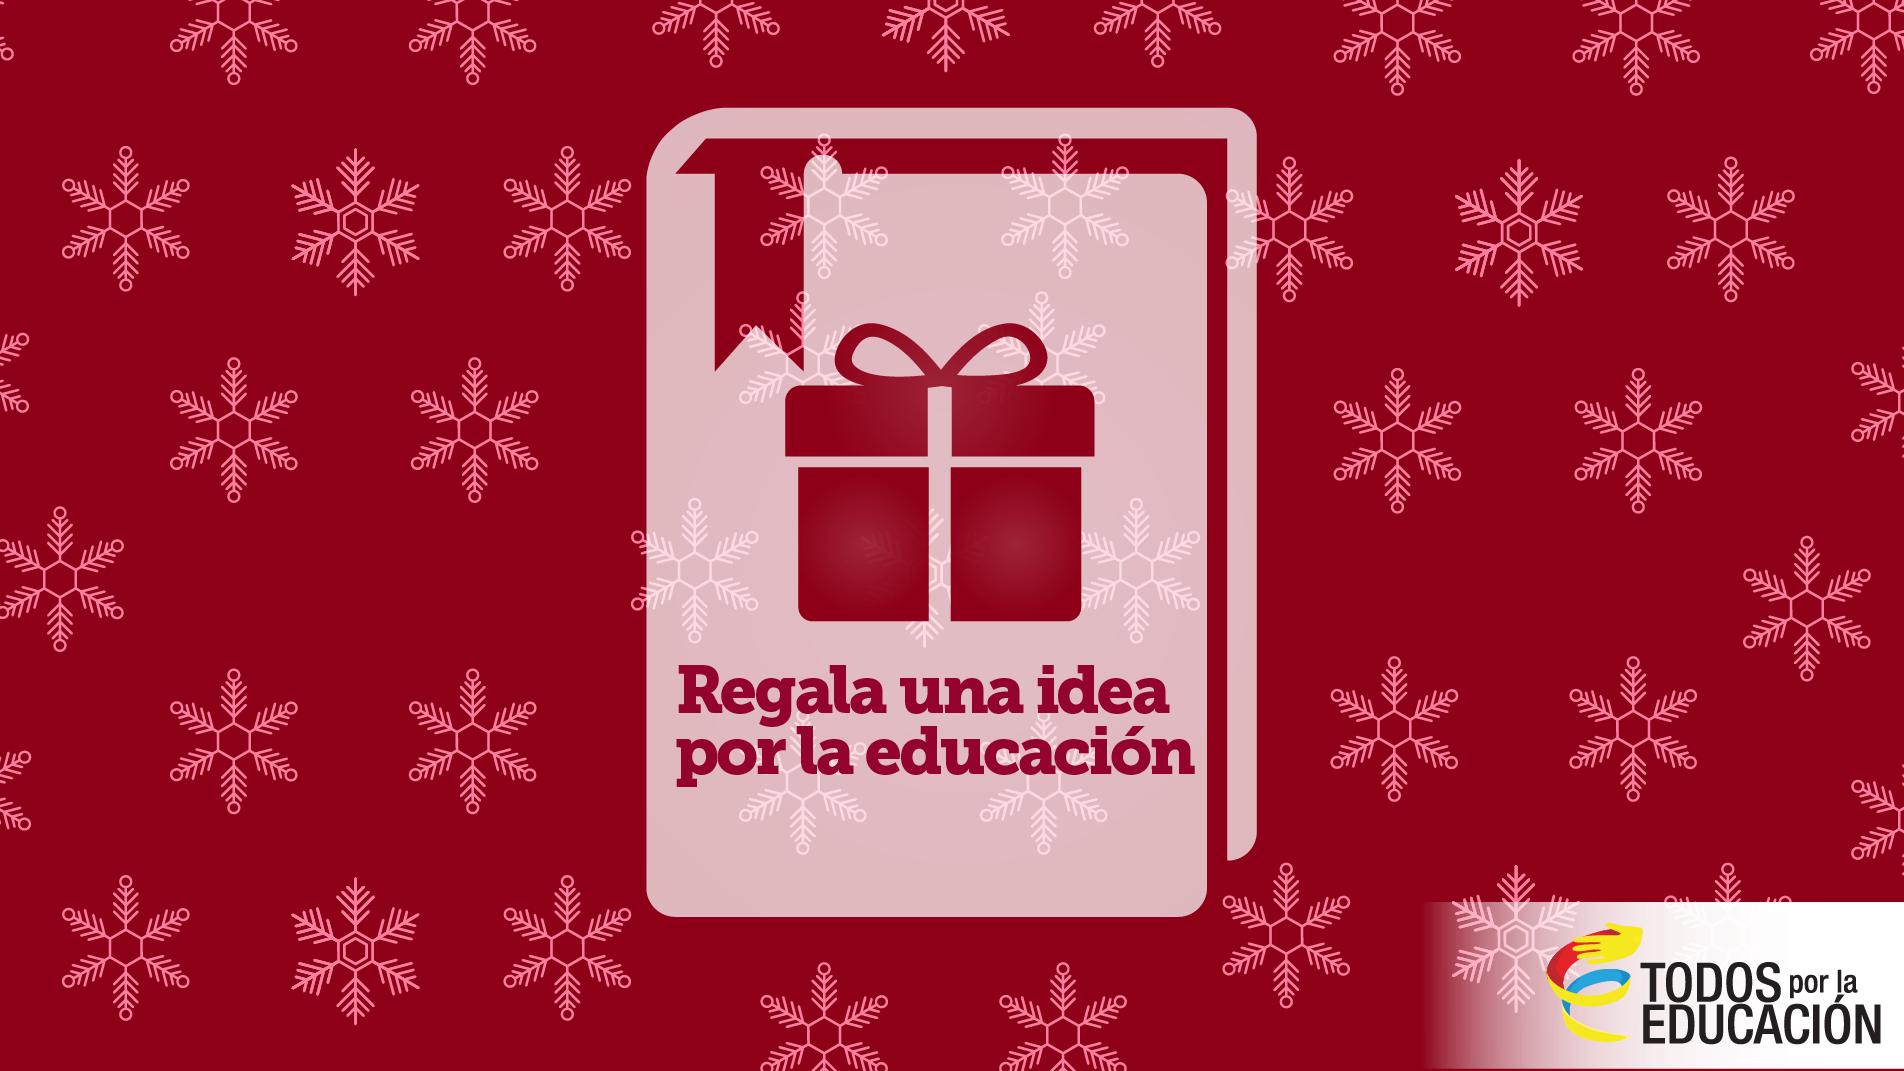 Regala una idea por la educación